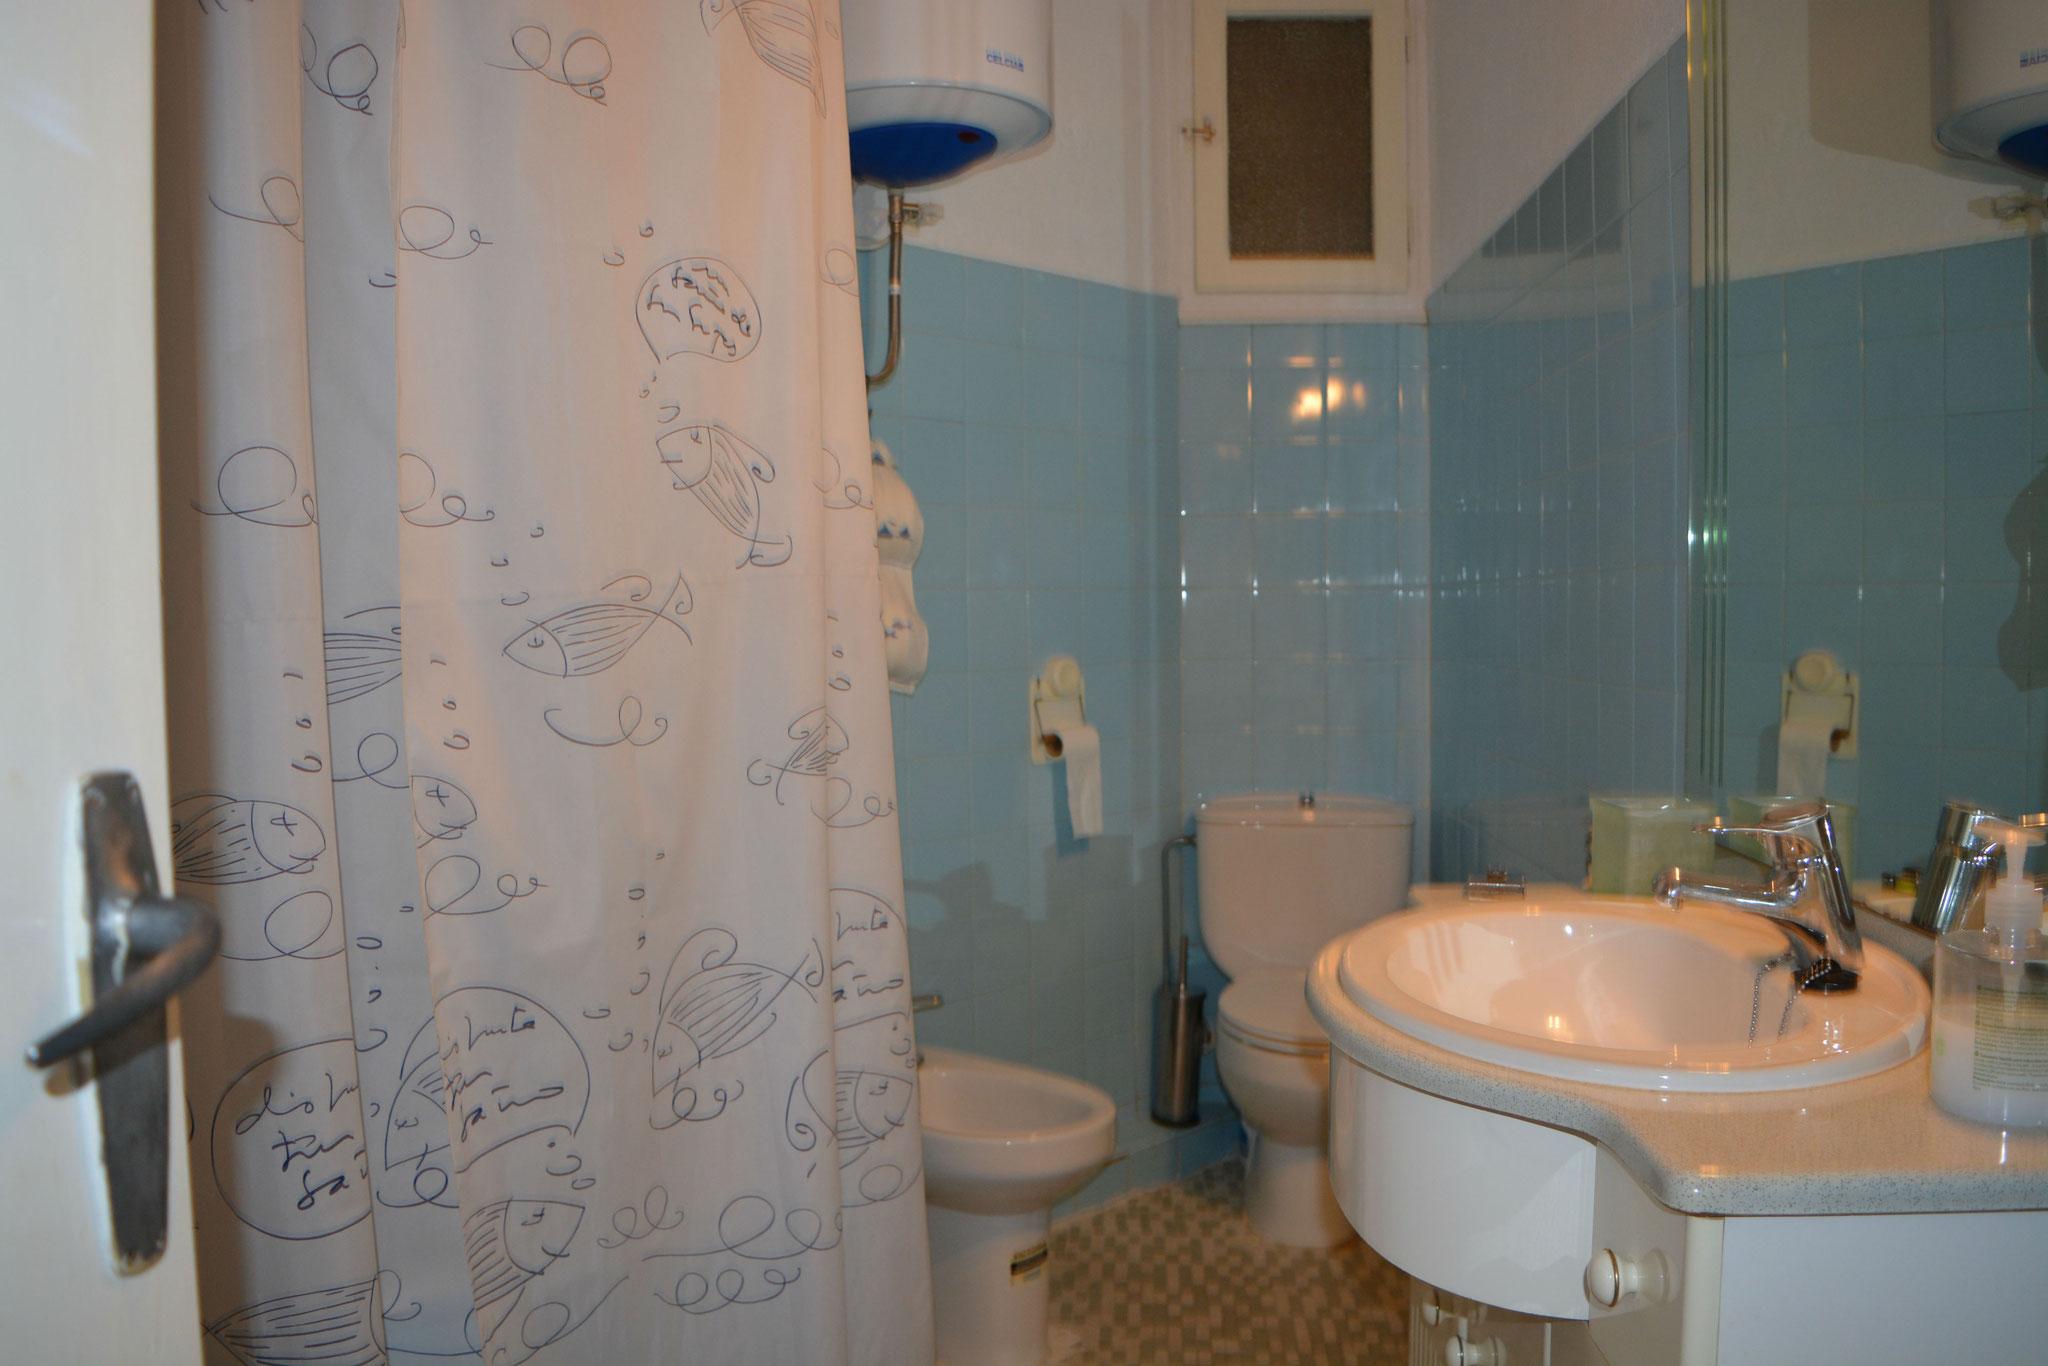 salle de bains, avec une rondelle de charge moyenne